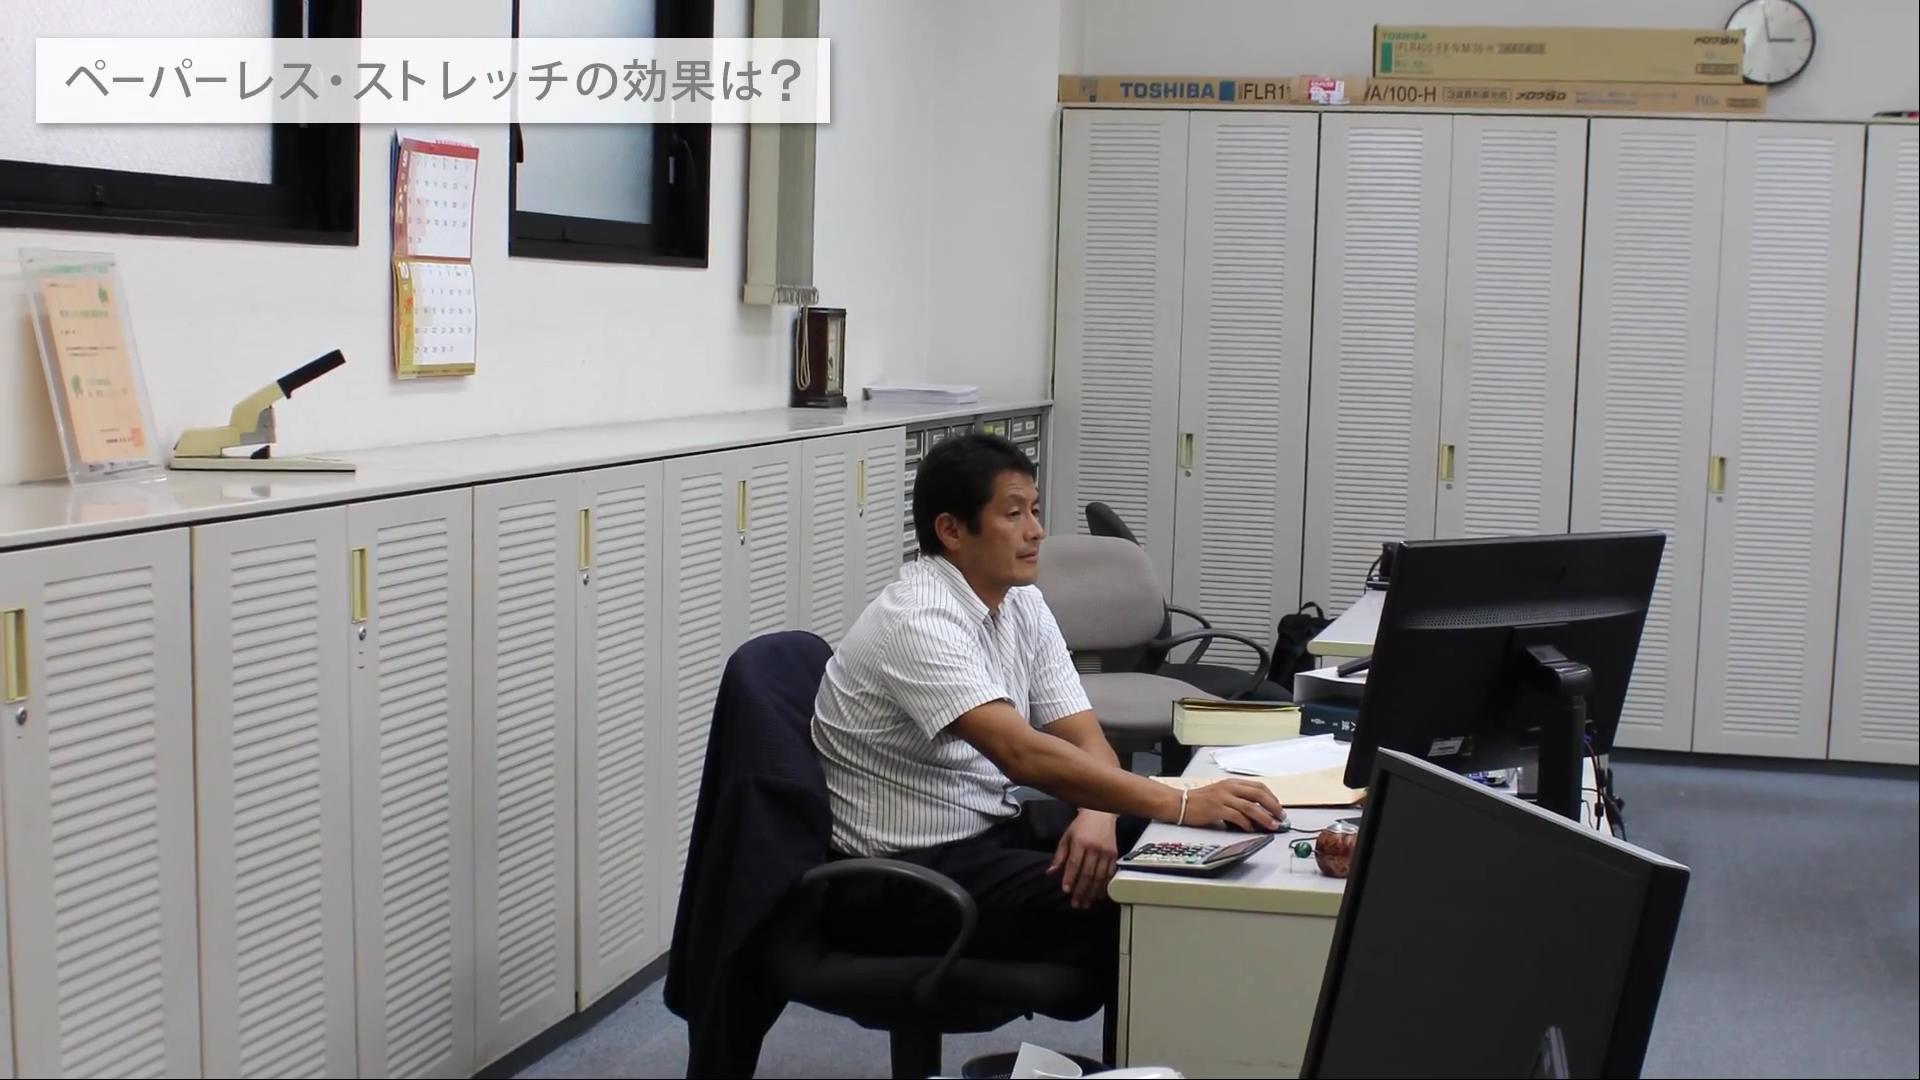 case_tokushima_3.png